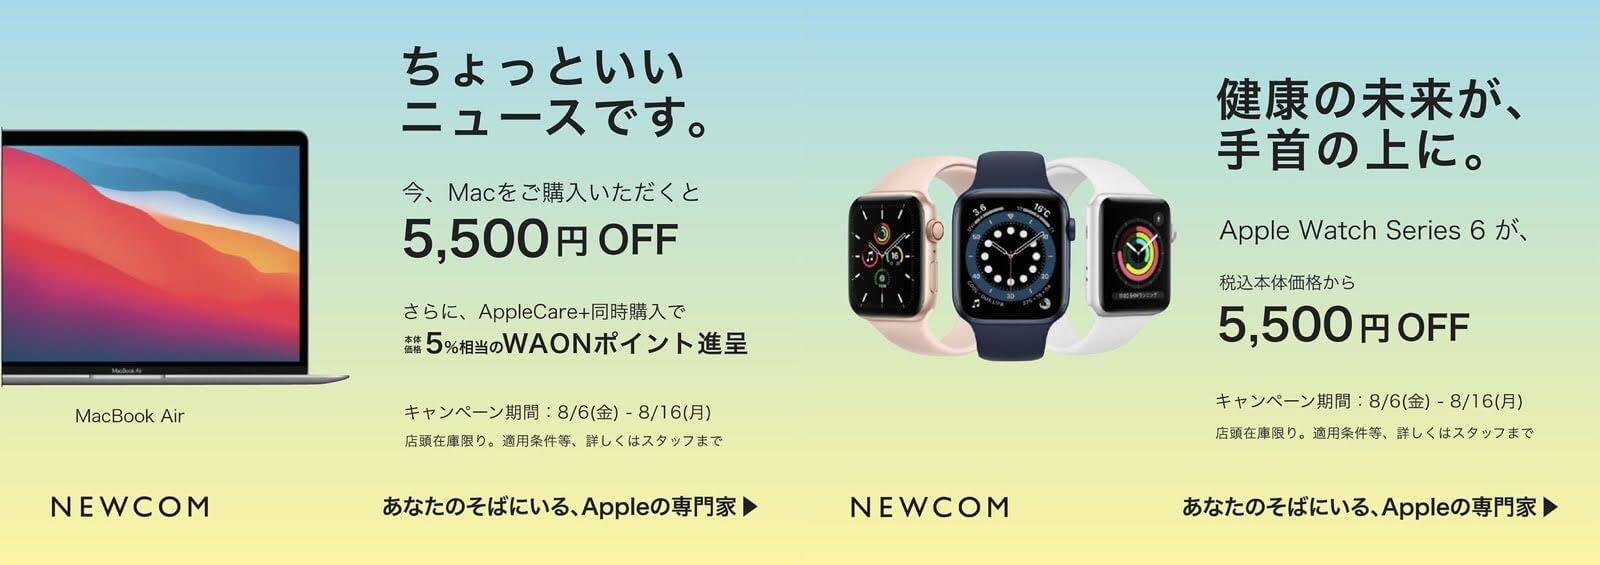 NEWCOM Apple製品サマーキャンペーン